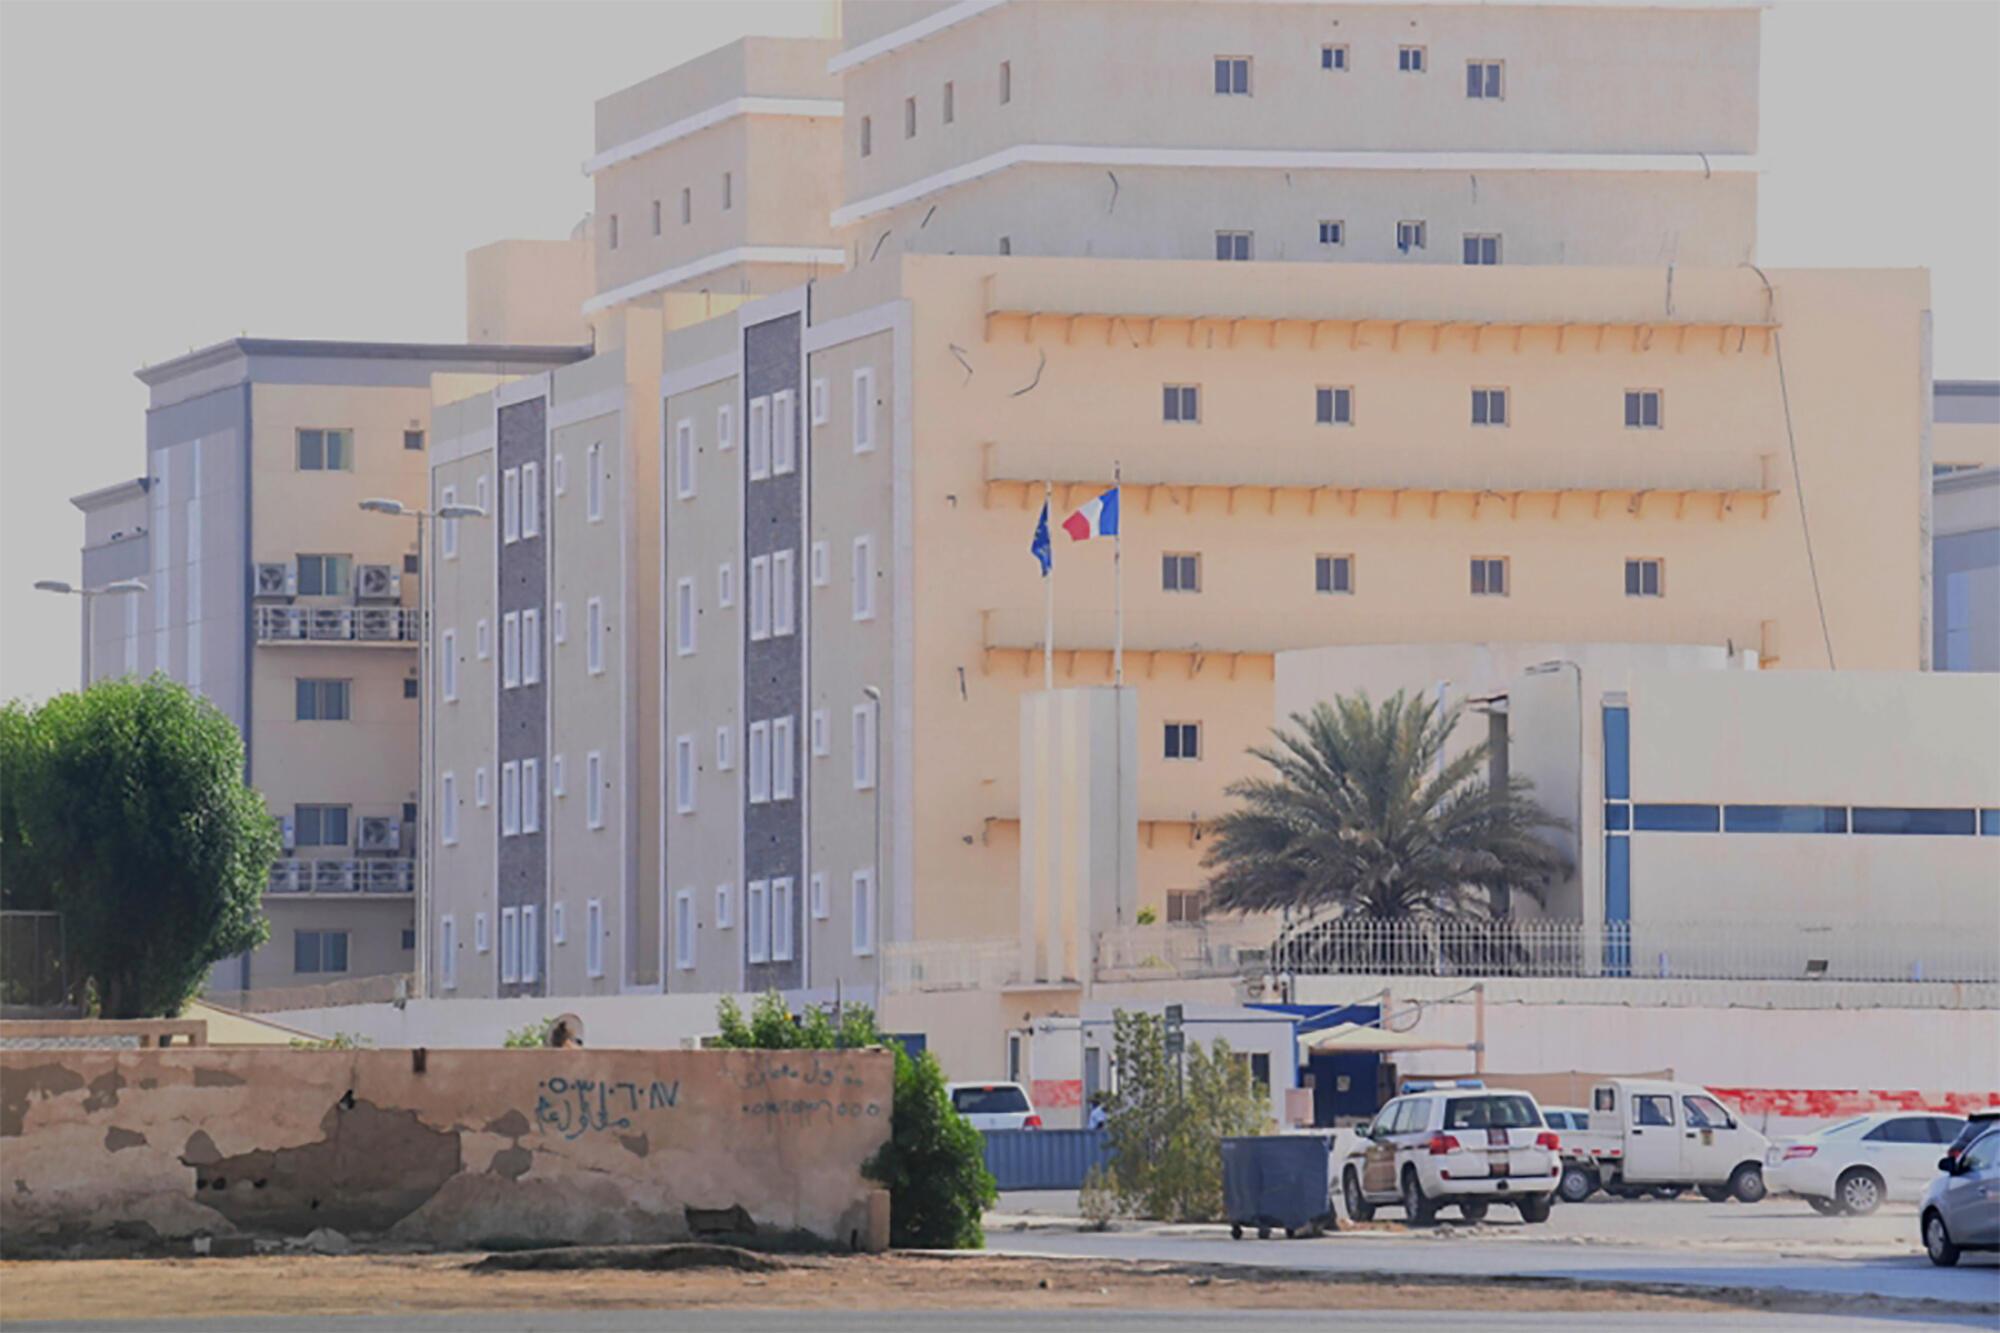 Консульство Франции в Джедде, Саудовская Аравия.